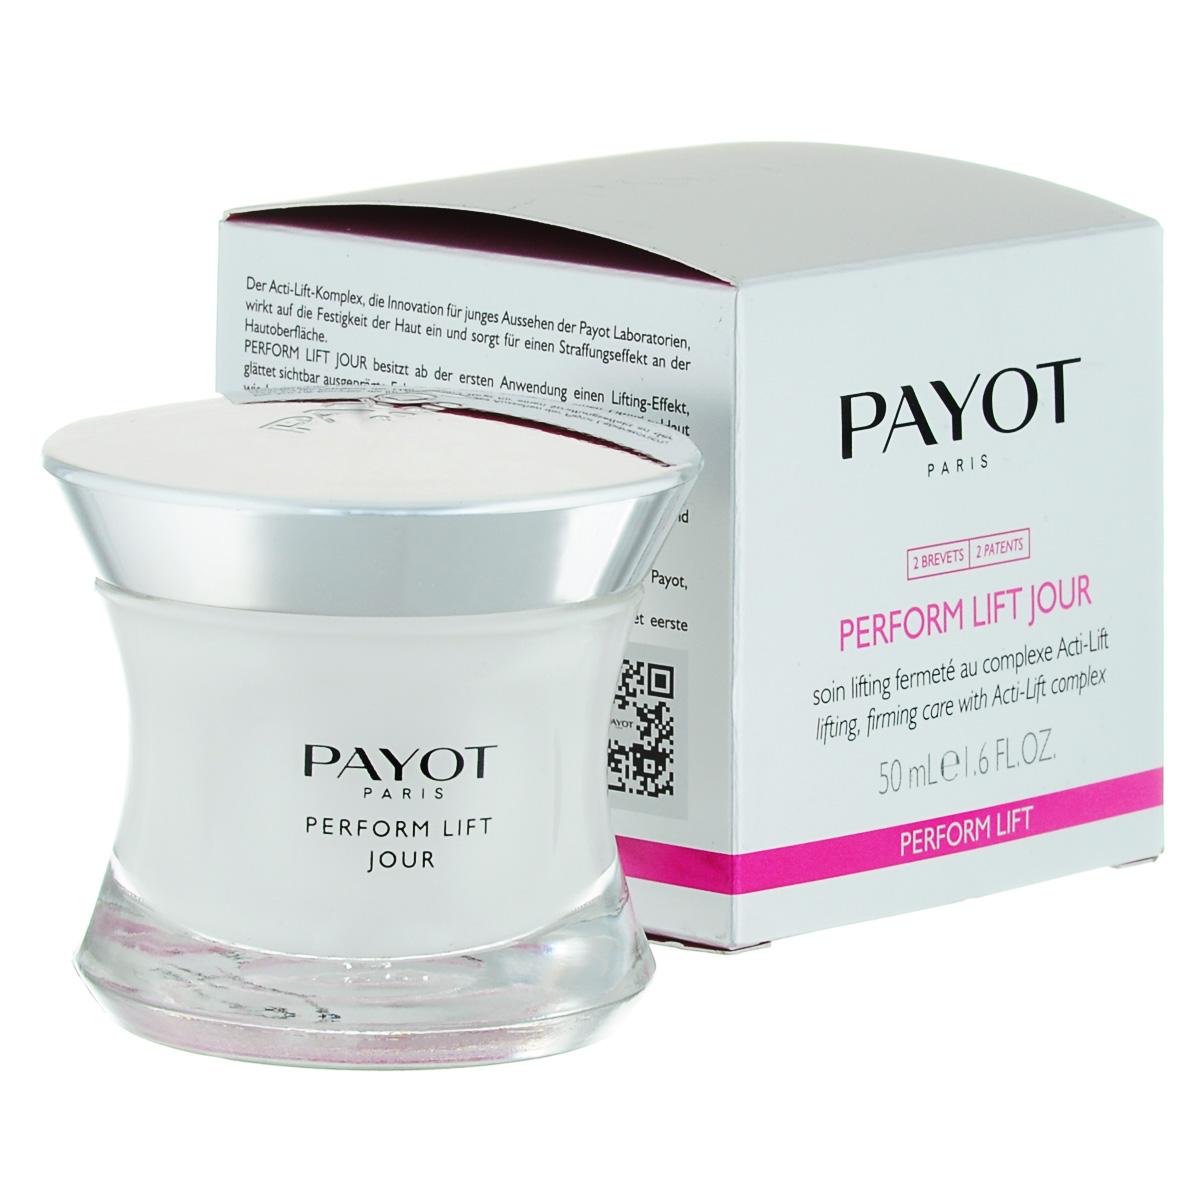 Payot Укрепляющее и подтягивающее средство Perform Lift для лица 50 мл65092093Крем подтягивает и разглаживает кожу; возвращает коже упругость и эластичность; заметно разглаживает глубокие морщины.Наносите крем утром на очищенную кожу лица.